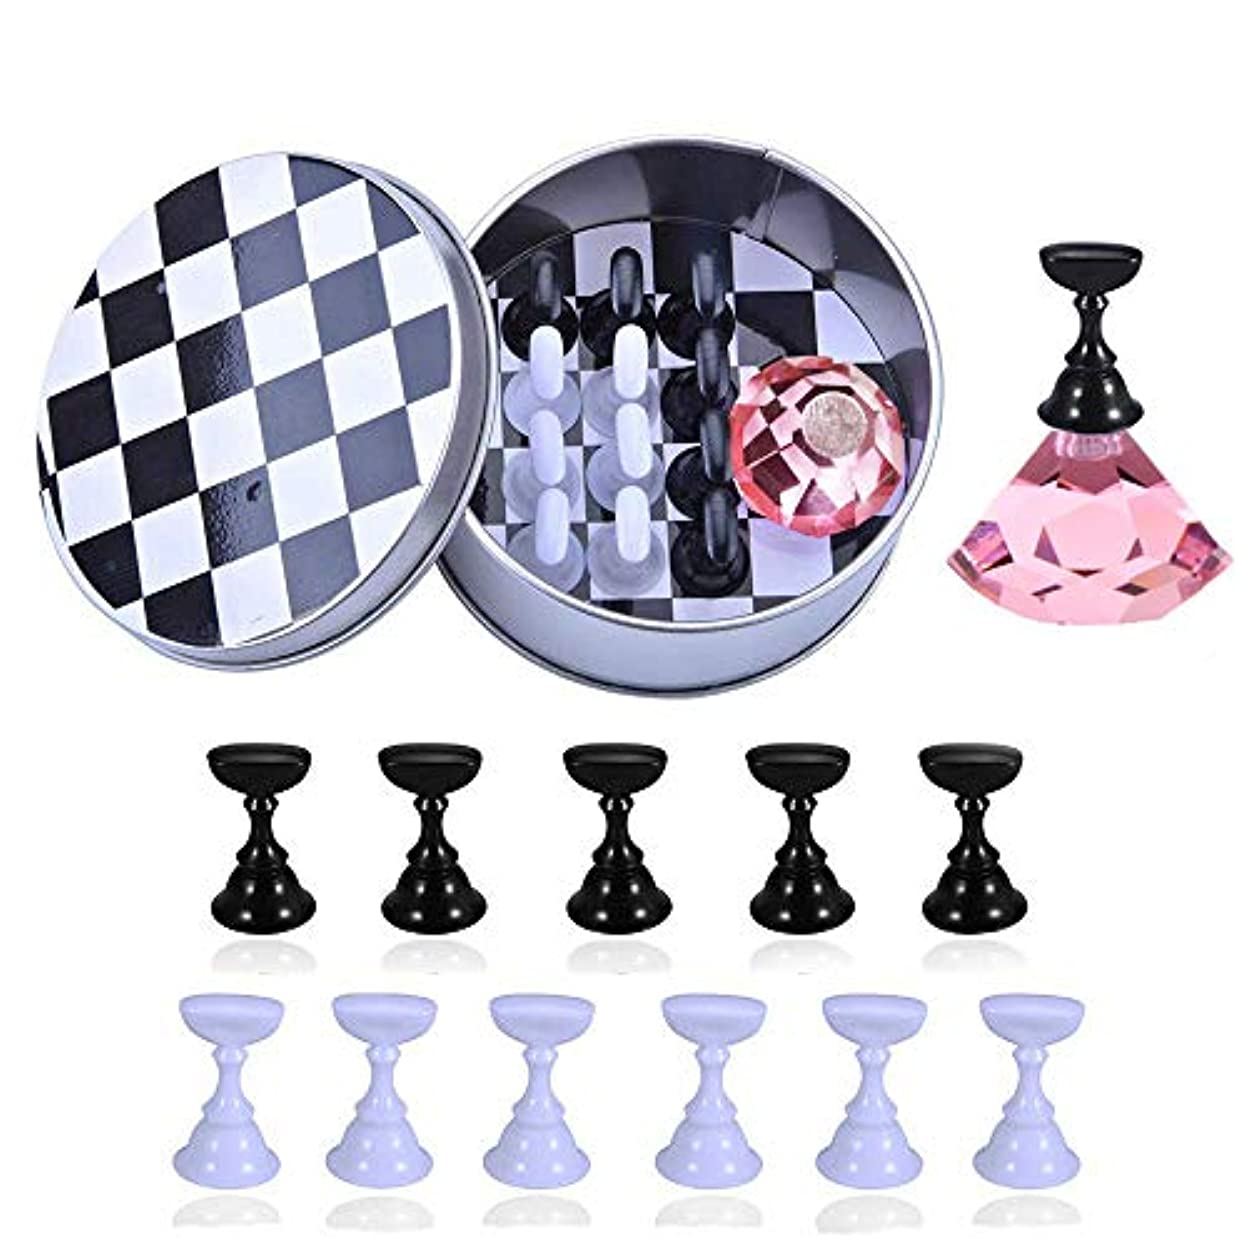 12本 磁気ネイルアートディスプレイスタンド Kalolary チェスボード ネイルチップスタンド ディスプレイスタンド サンプルチップ 練習ネイルサロンツール